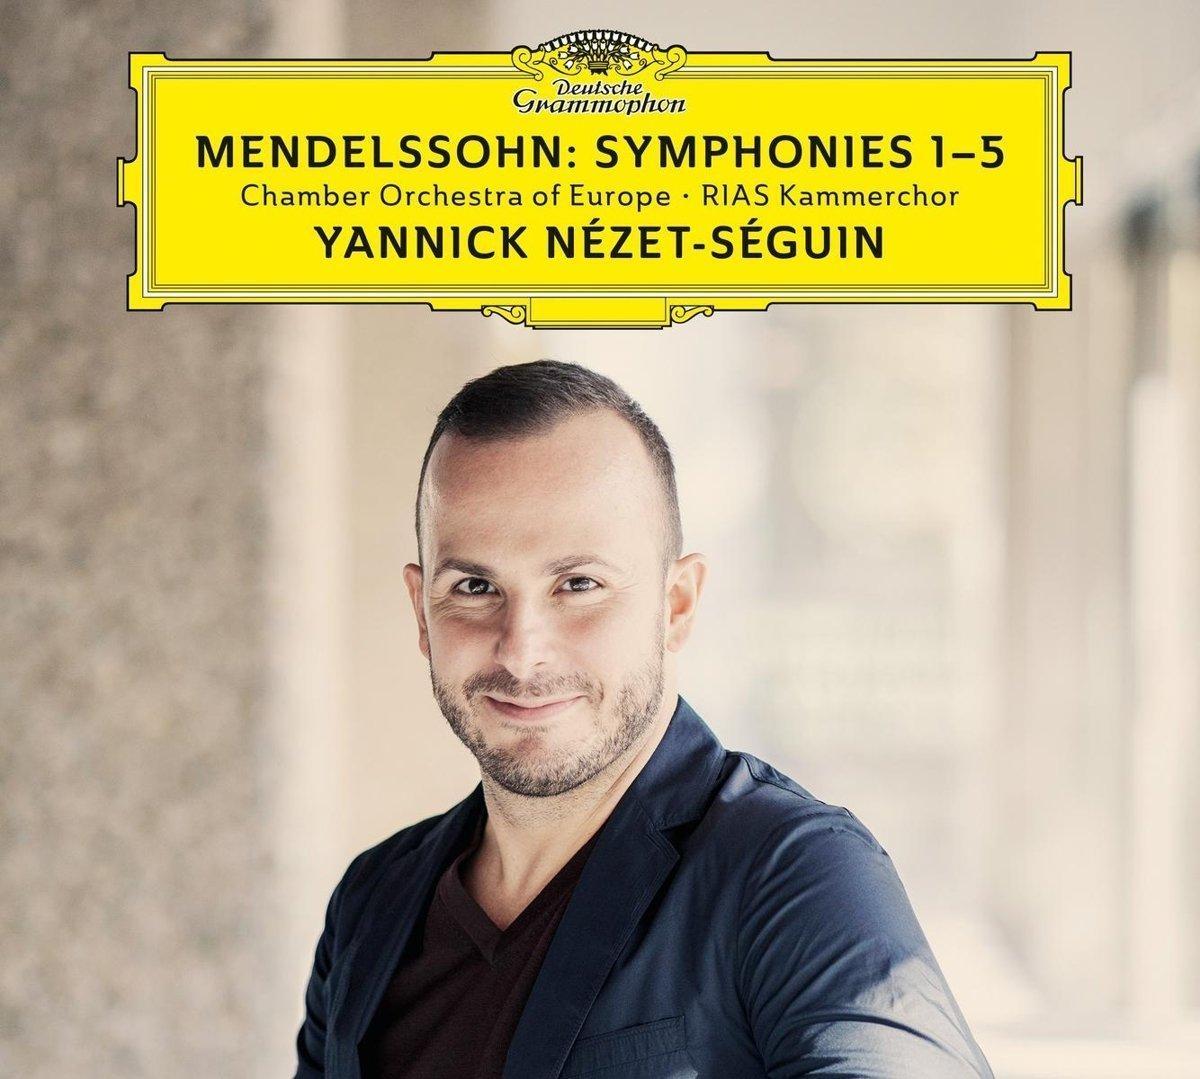 Mendelssohn: SymphoniesNos.1-5